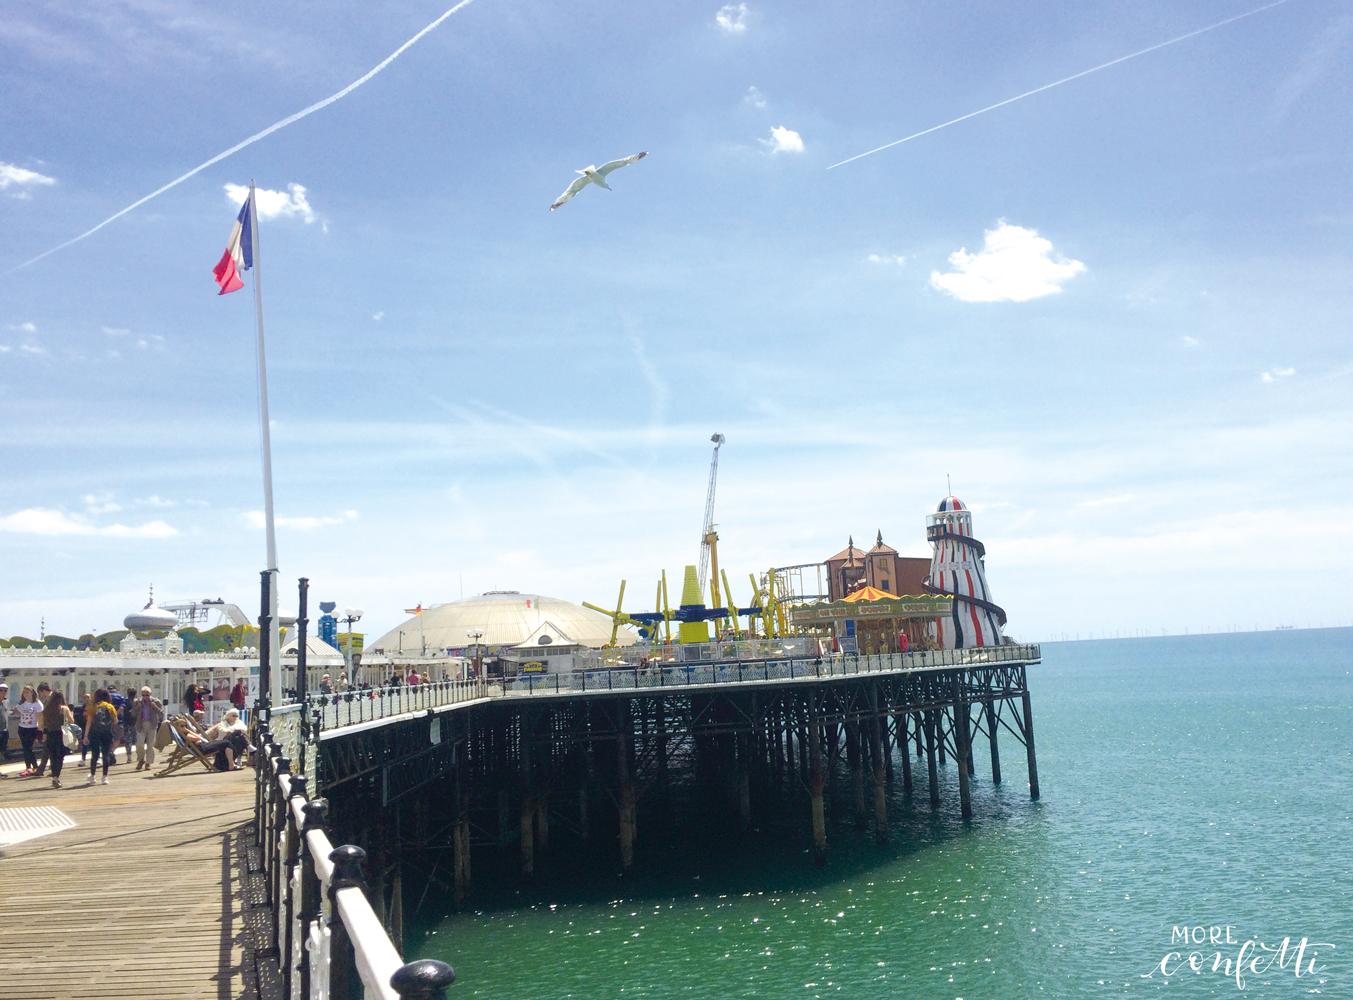 Brighton - engliches Seebad - für jeden etwas dabei - moreconfett.de